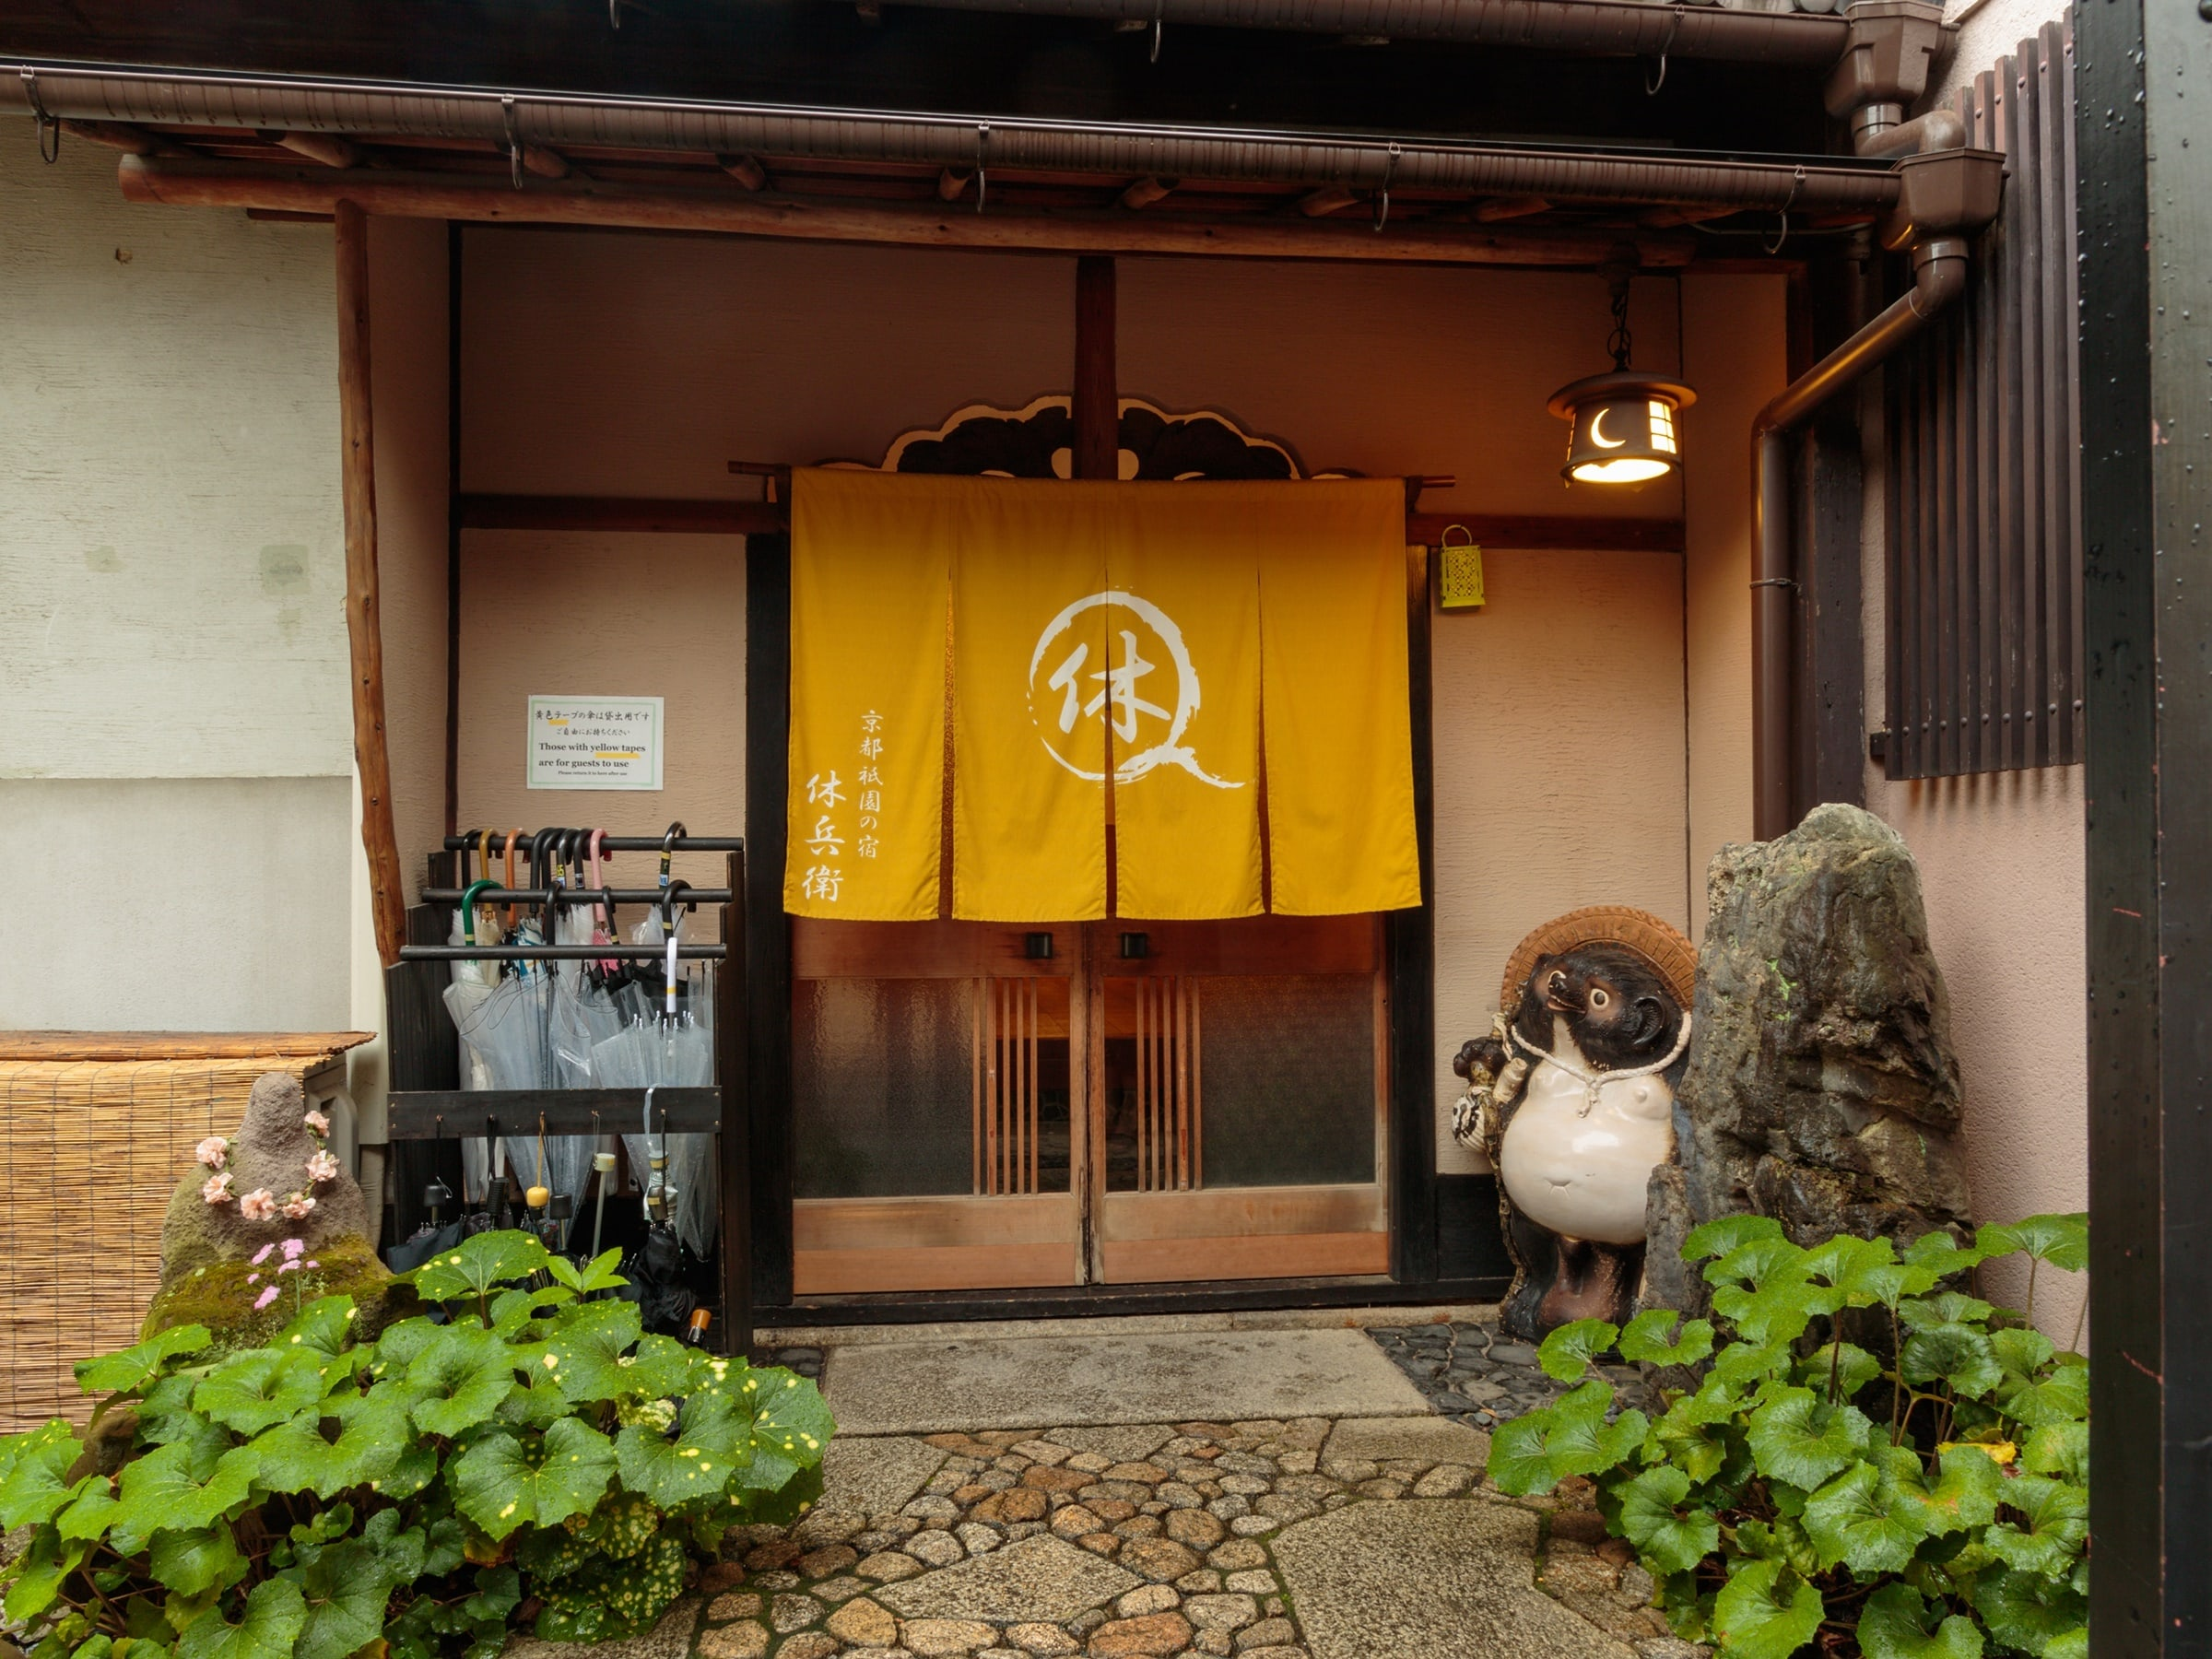 |京都|ゲストハウス|うれしい個室♪ 【住込み夜勤スタッフ(祇園)】家賃不要で国内留学してみませんか?